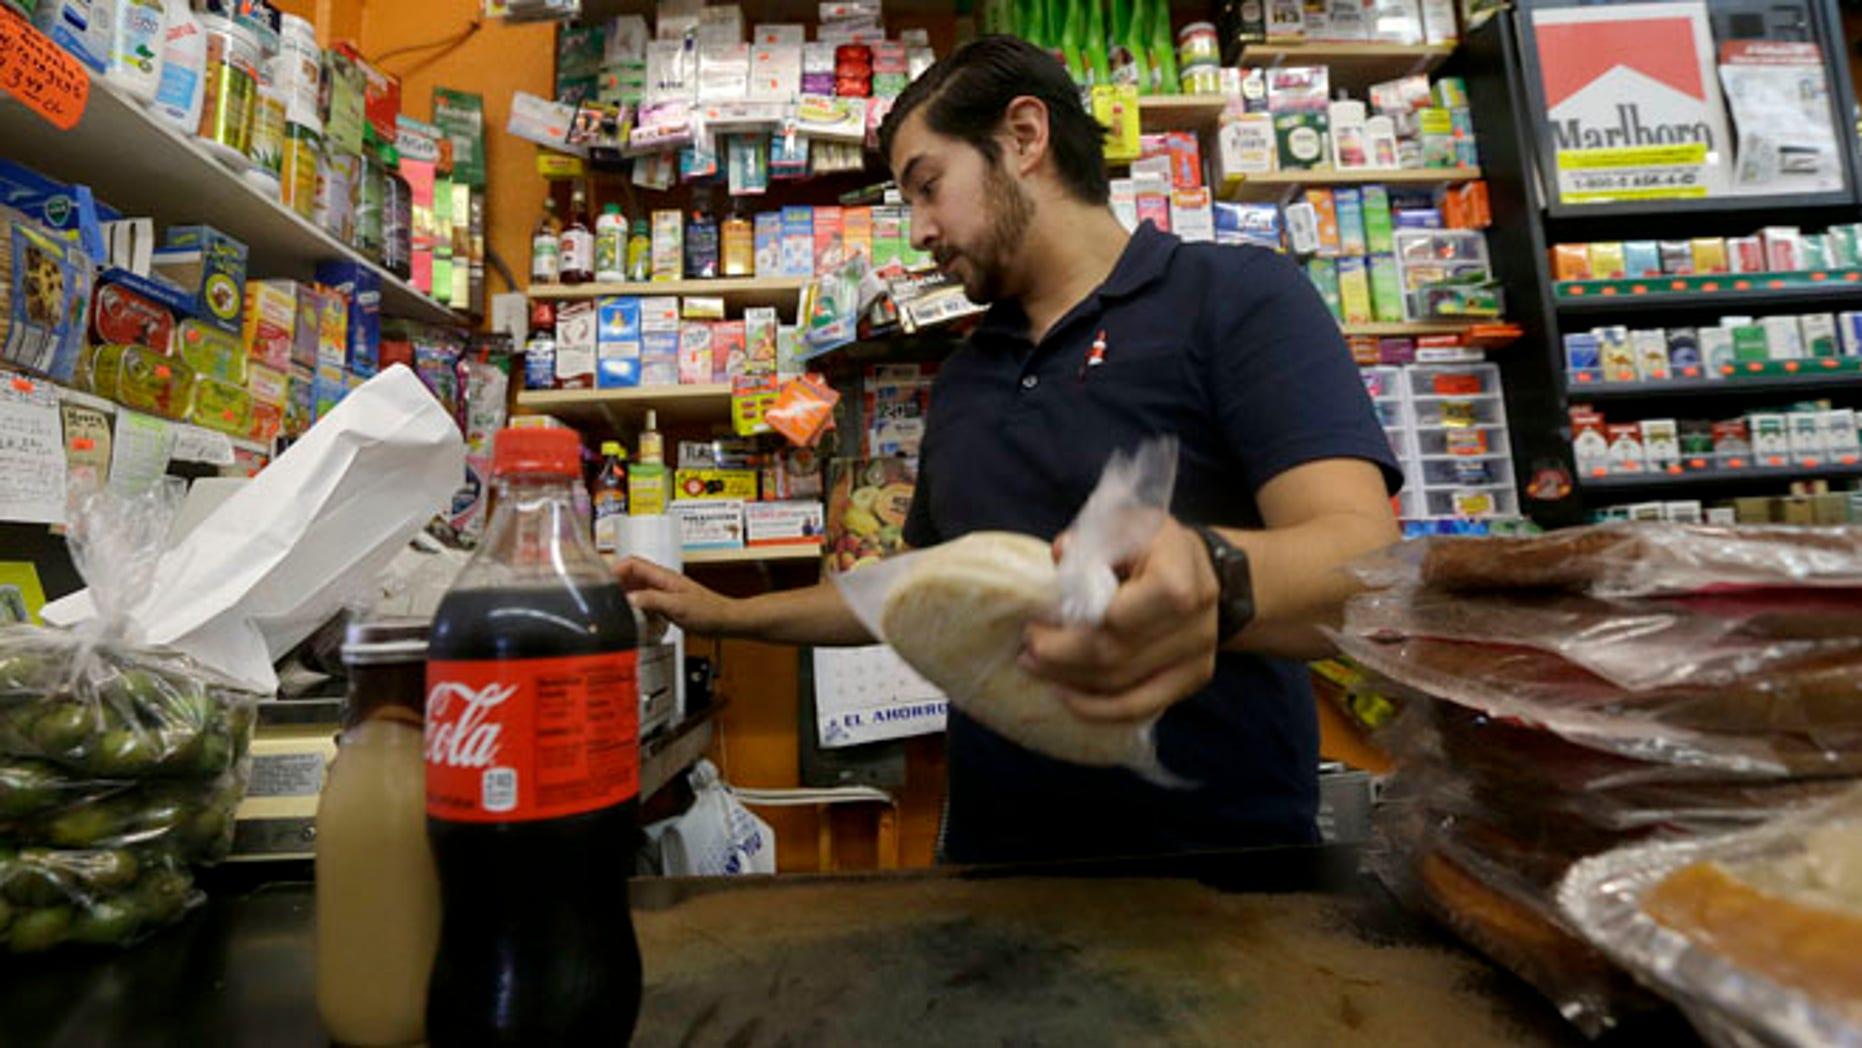 Alex Del Rio works at his family's market El Ahorro in San Francisco, Wednesday, Sept. 21, 2016.